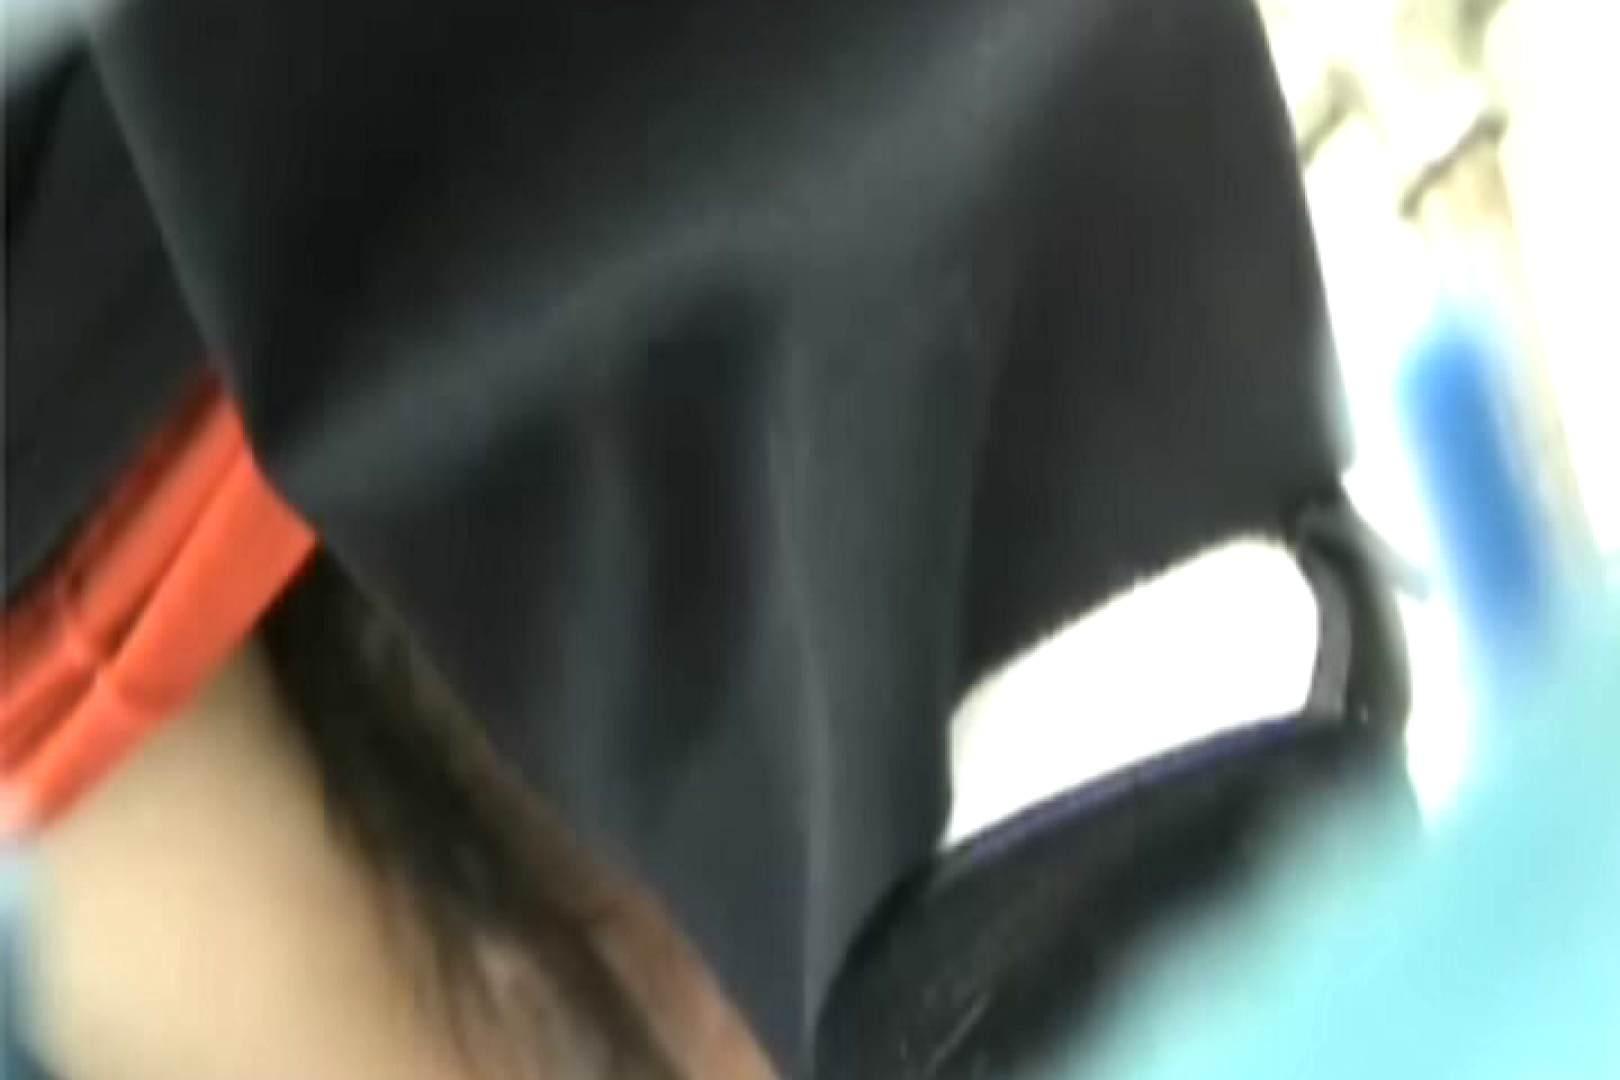 ぼっとん洗面所スペシャルVol.1 おまんこ エロ画像 108画像 14